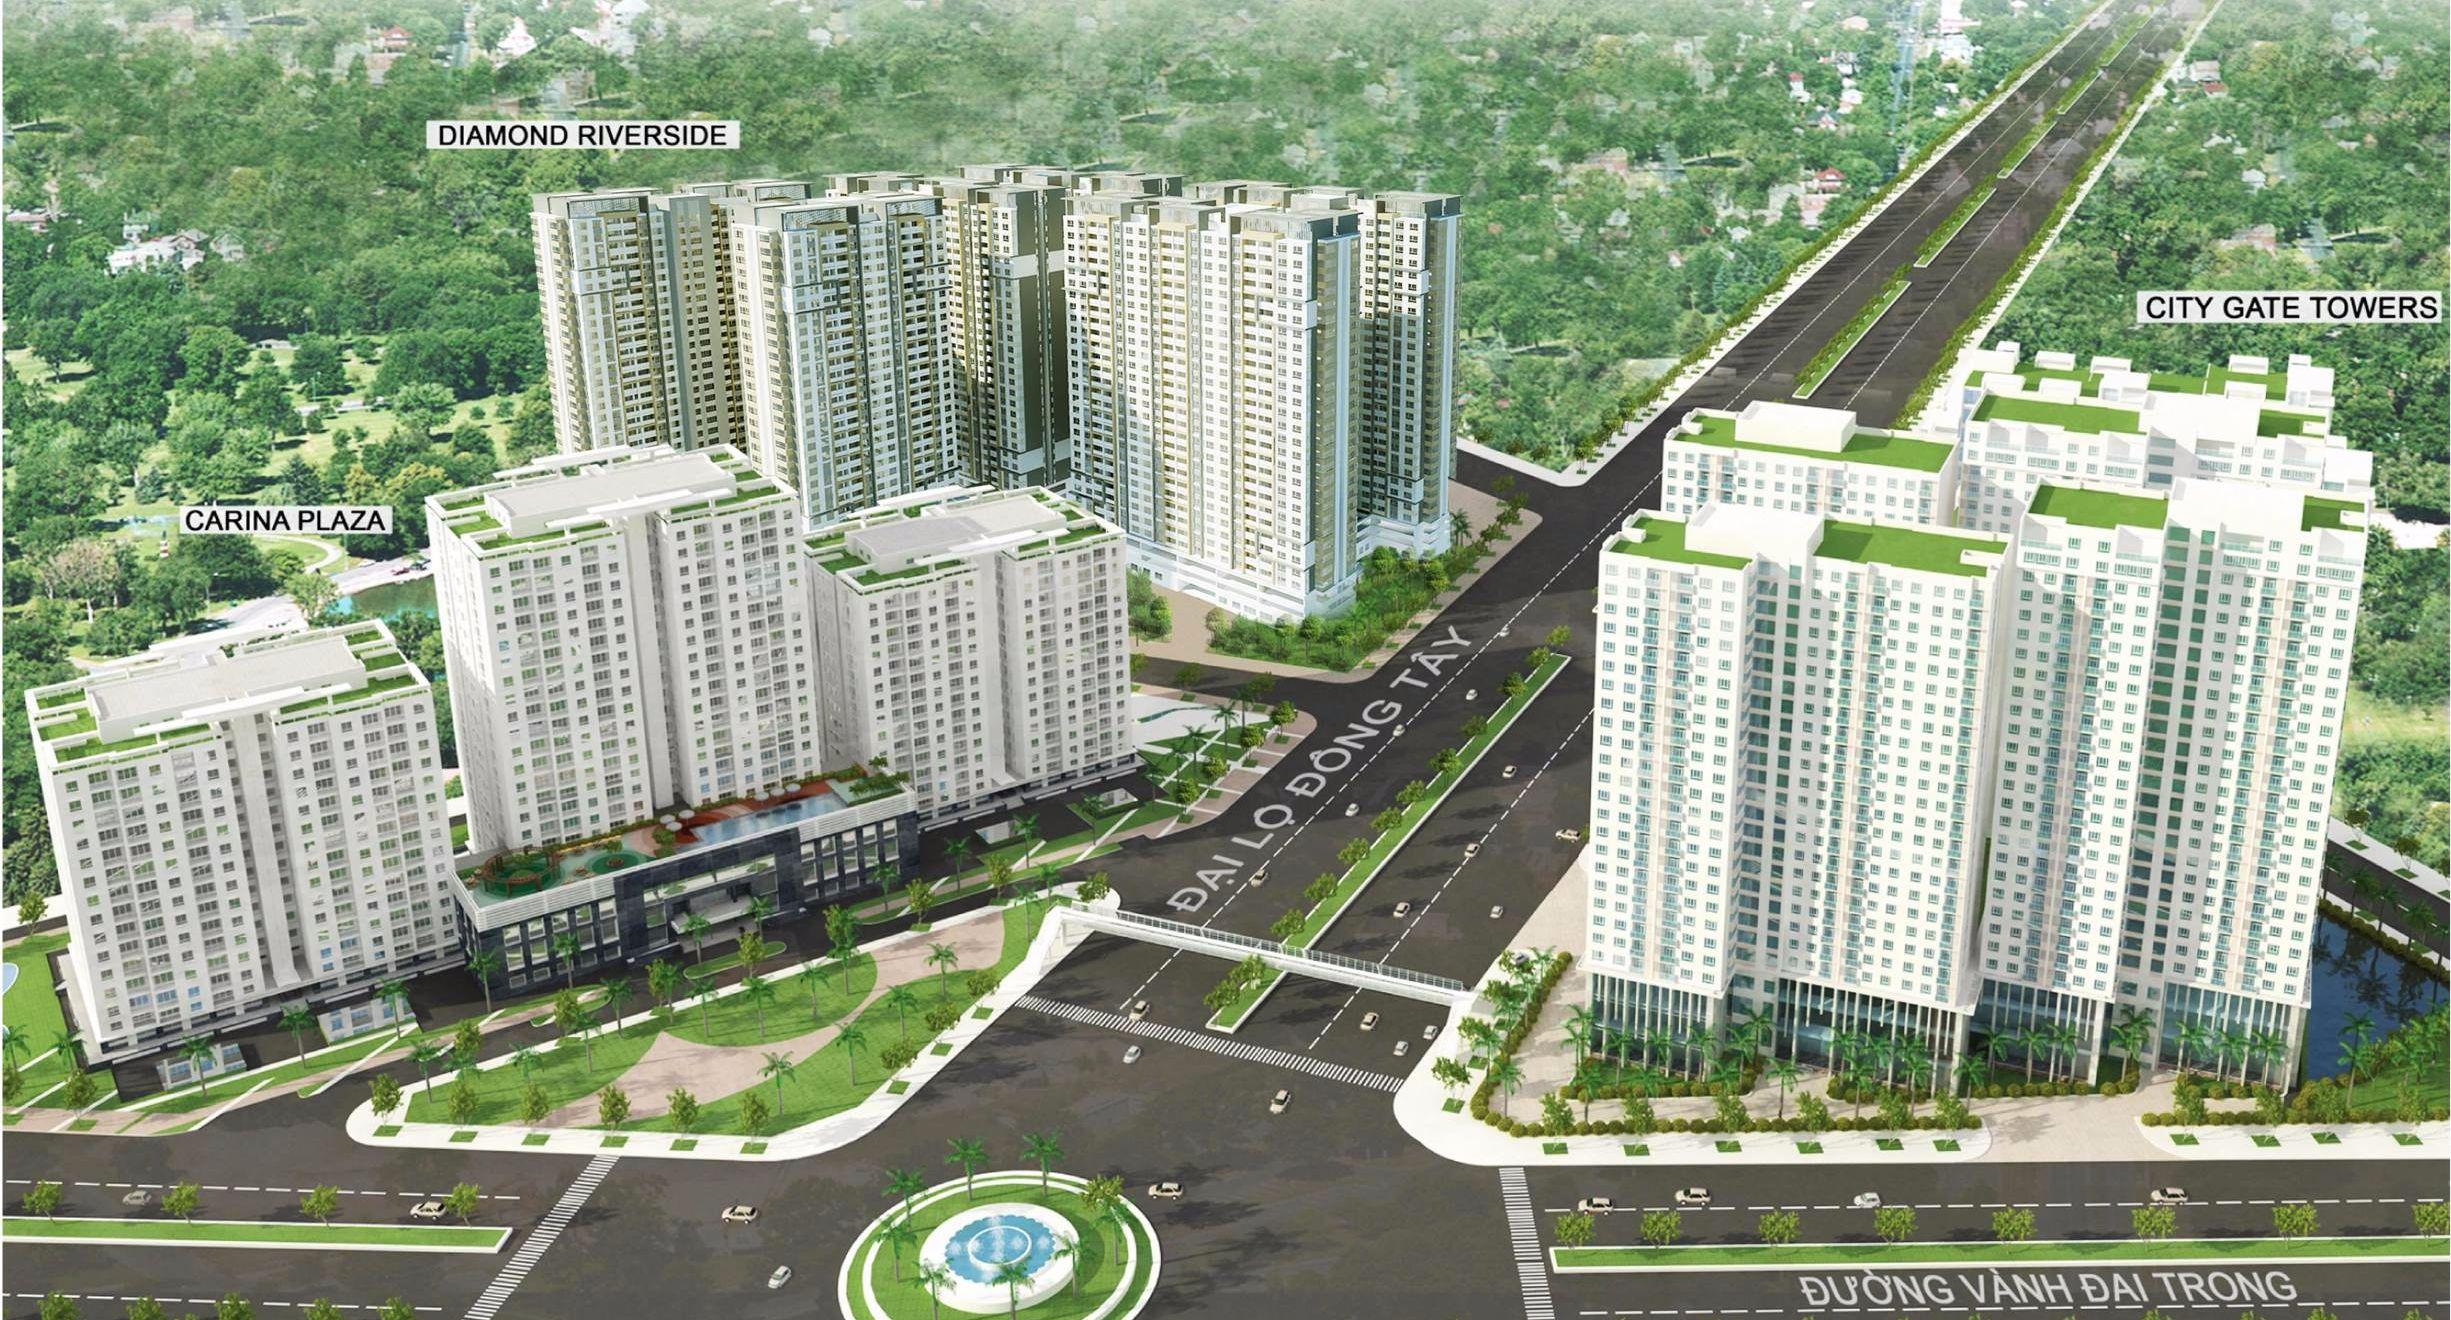 Phối cảnh dự án City Gate Towers và dự án Diamond Riverside